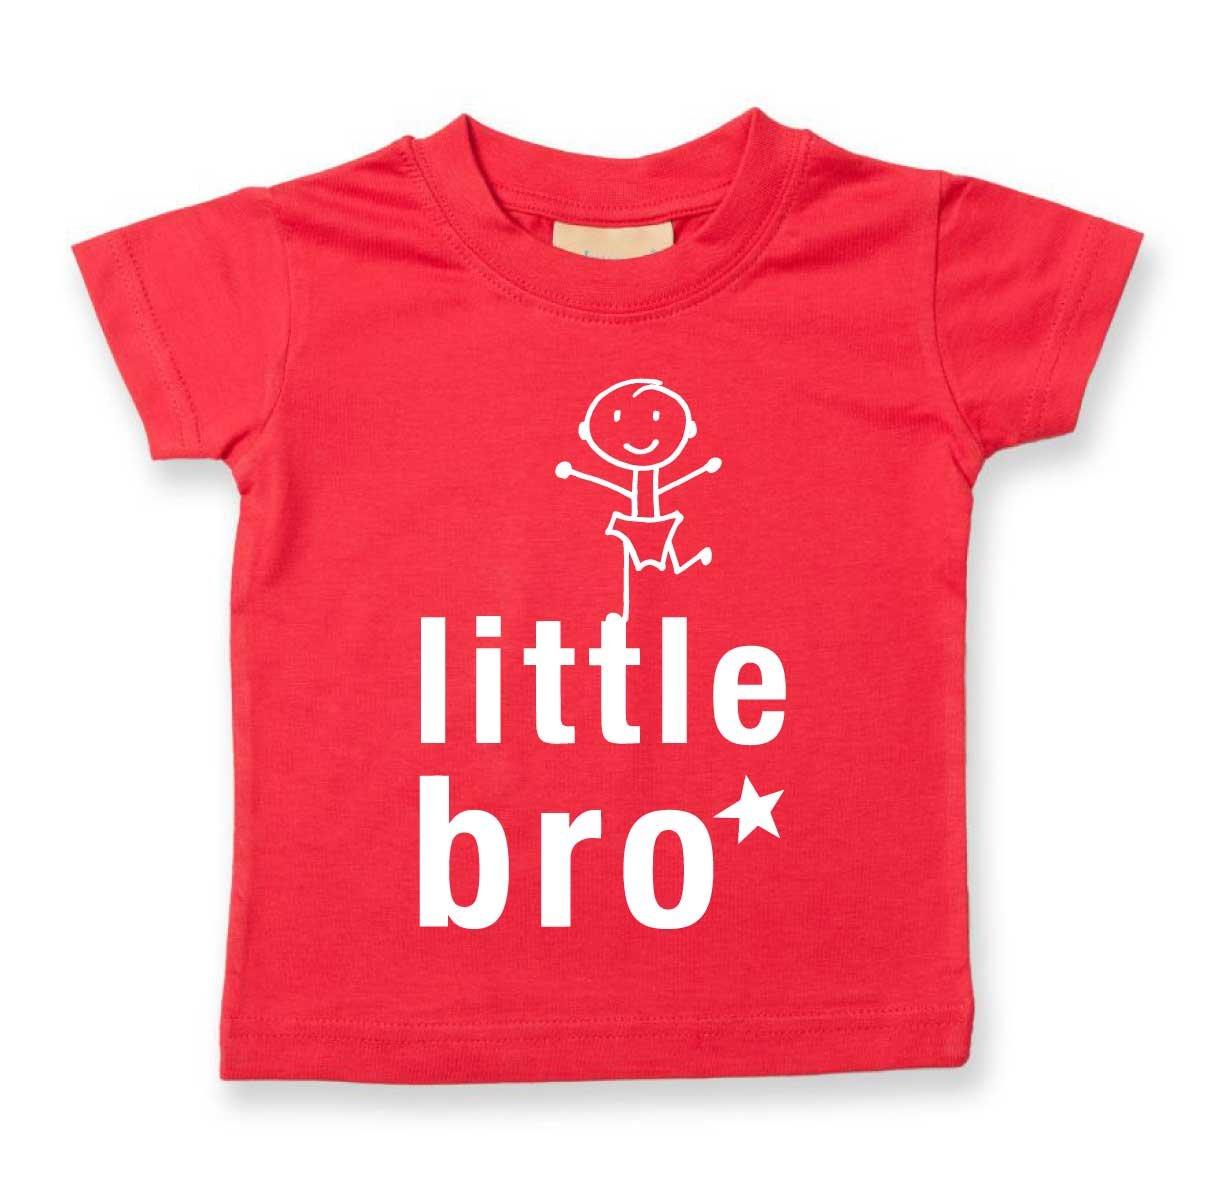 /15/anni disponibile nelle taglie 0/ Little Bro t-shirt per bambini /6/mesi a 14/ vari colori disponibili bianco White 0-6 mesi